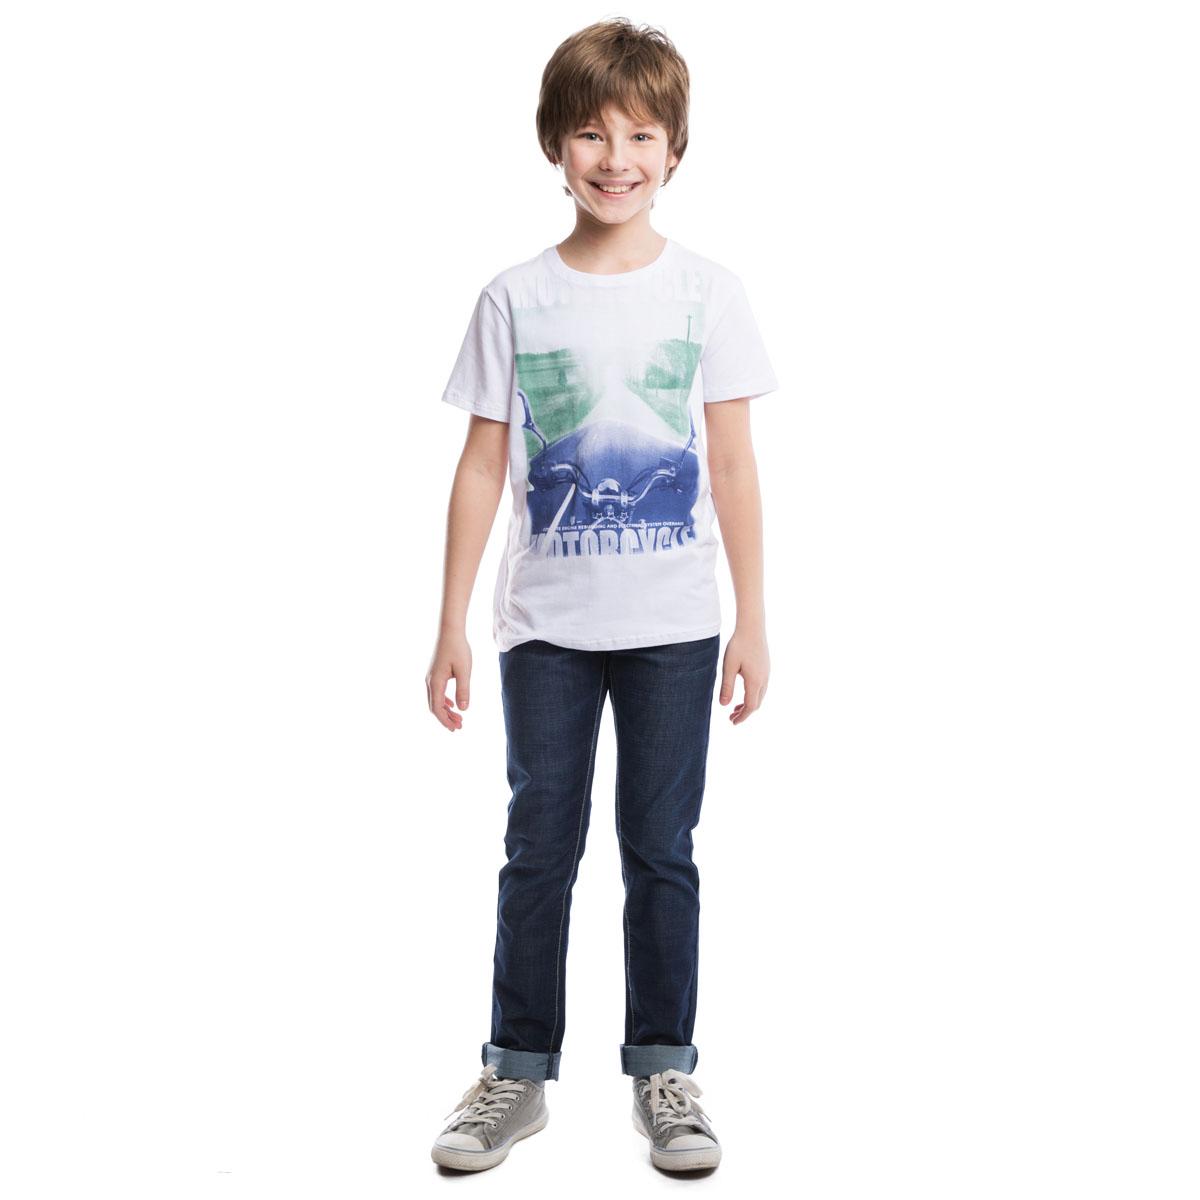 Футболка263008Мягкая хлопковая футболка с короткими рукавами и трикотажной резинкой на воротнике. Универсальный цвет позволяет сочетать ее с любой одеждой. Модель оформлена крупным водным фотопринтом с изображением мотоцикла.